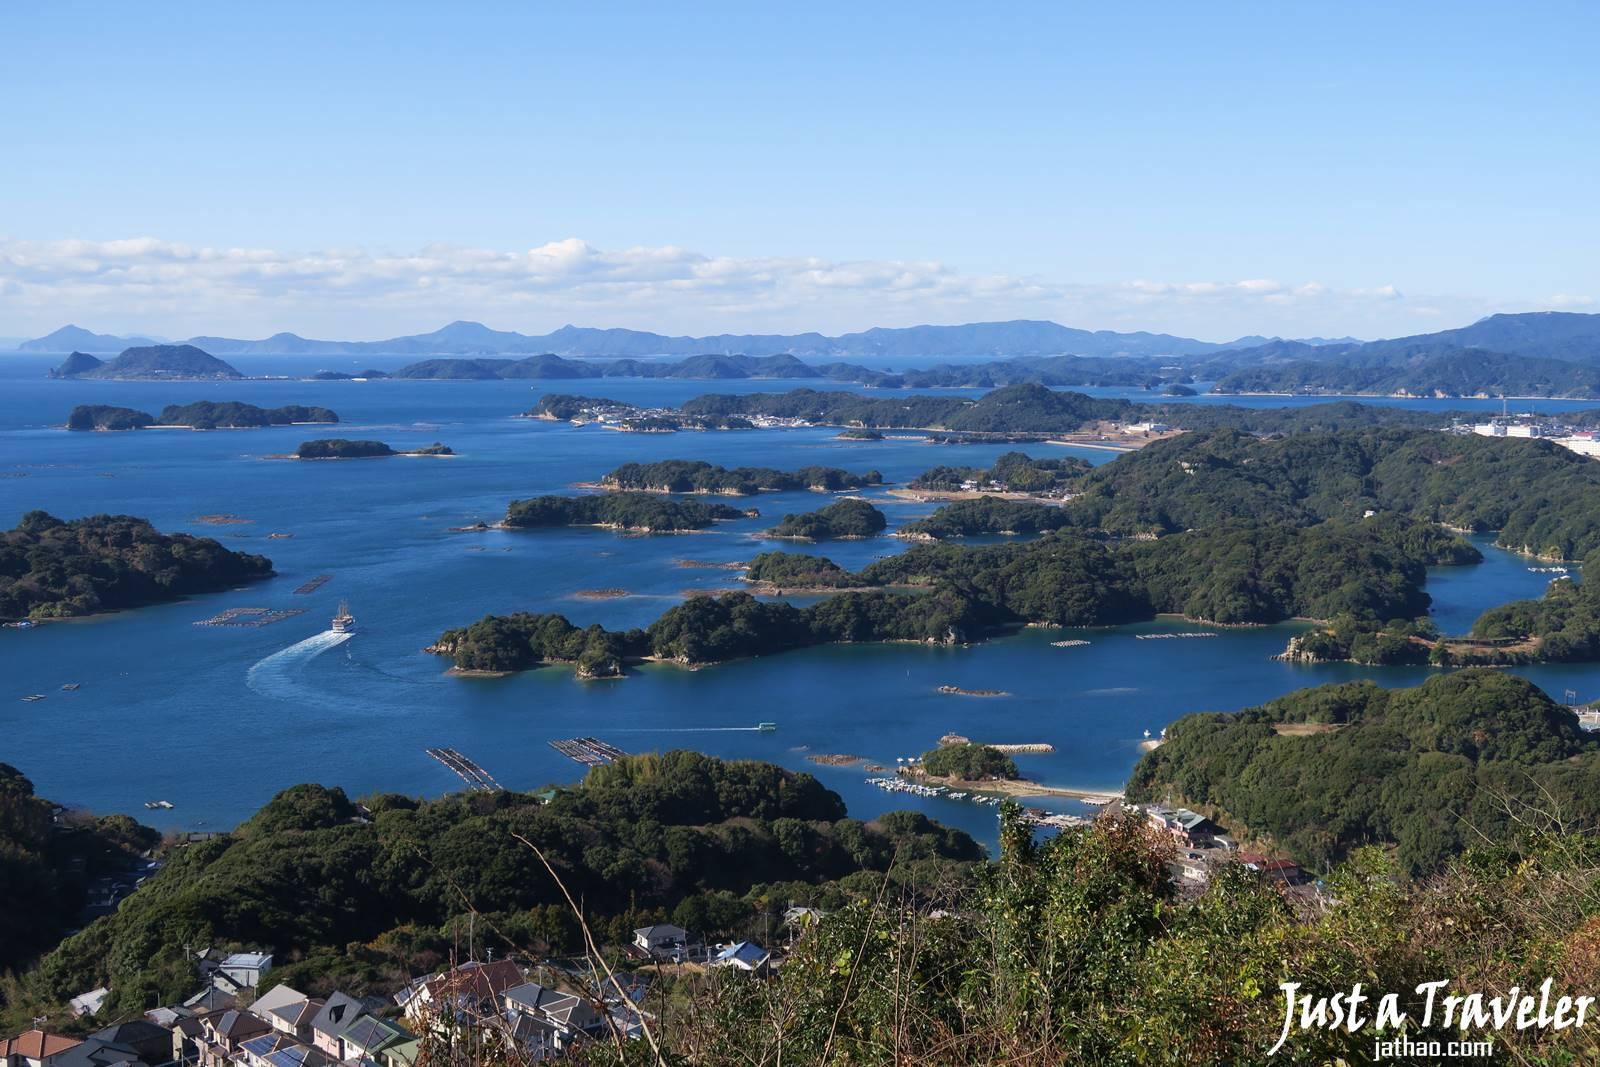 九州-九州景點-推薦-九十九島-九州行程-九州必玩景點-九州必遊景點-九州旅遊景點-九州自由行-九州觀光景點-九州好玩景點-九州介紹-日本-Kyushu